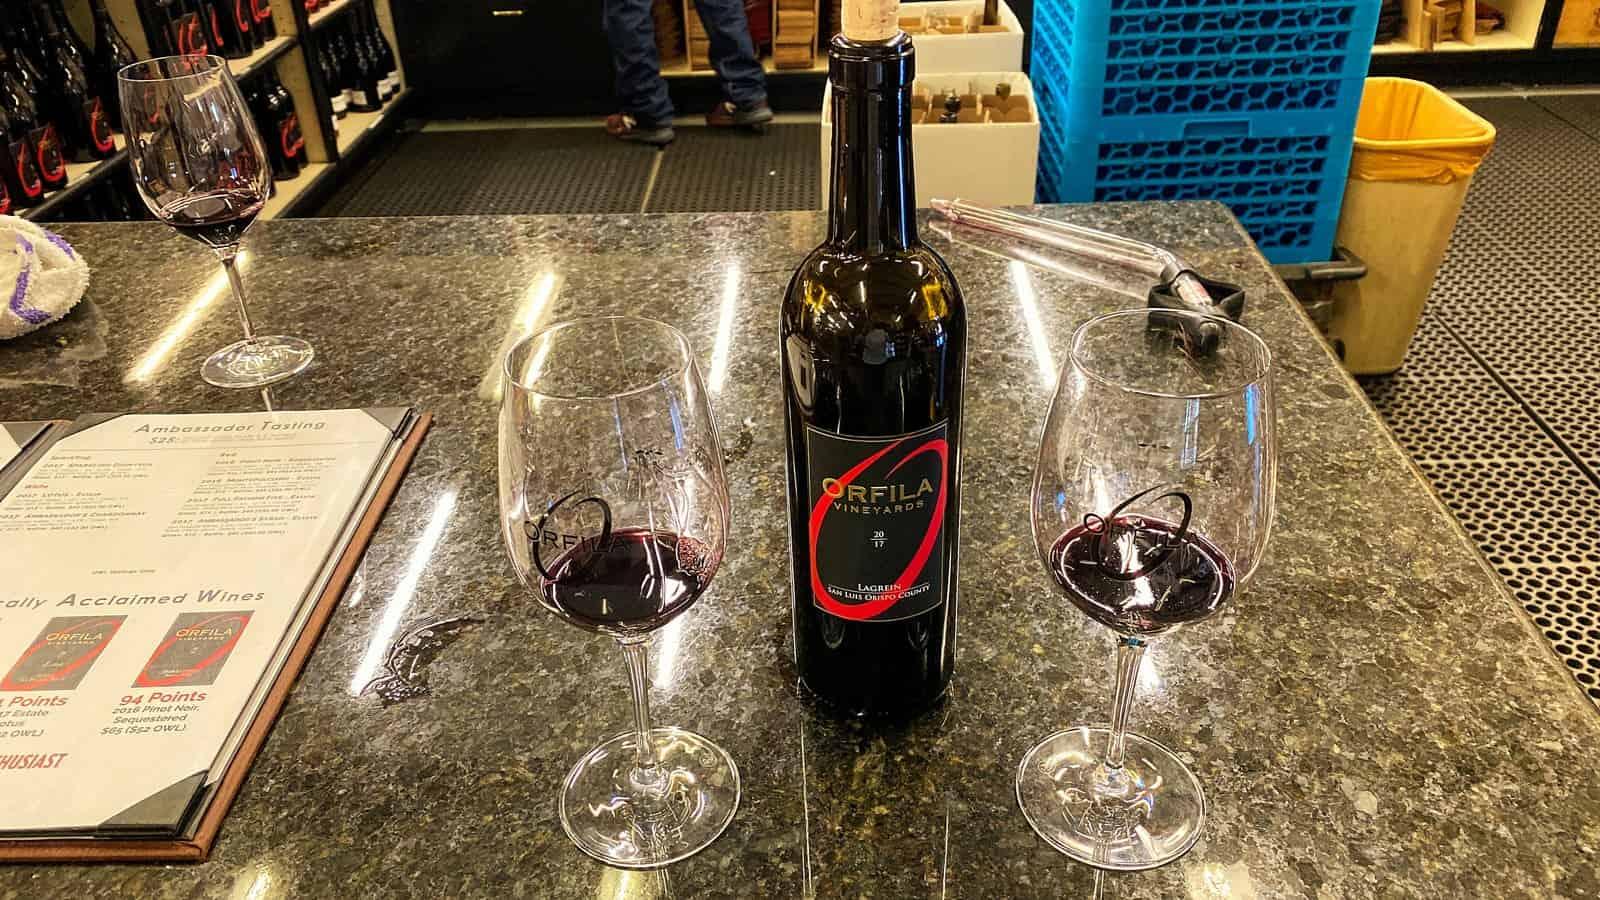 Orfilia wine